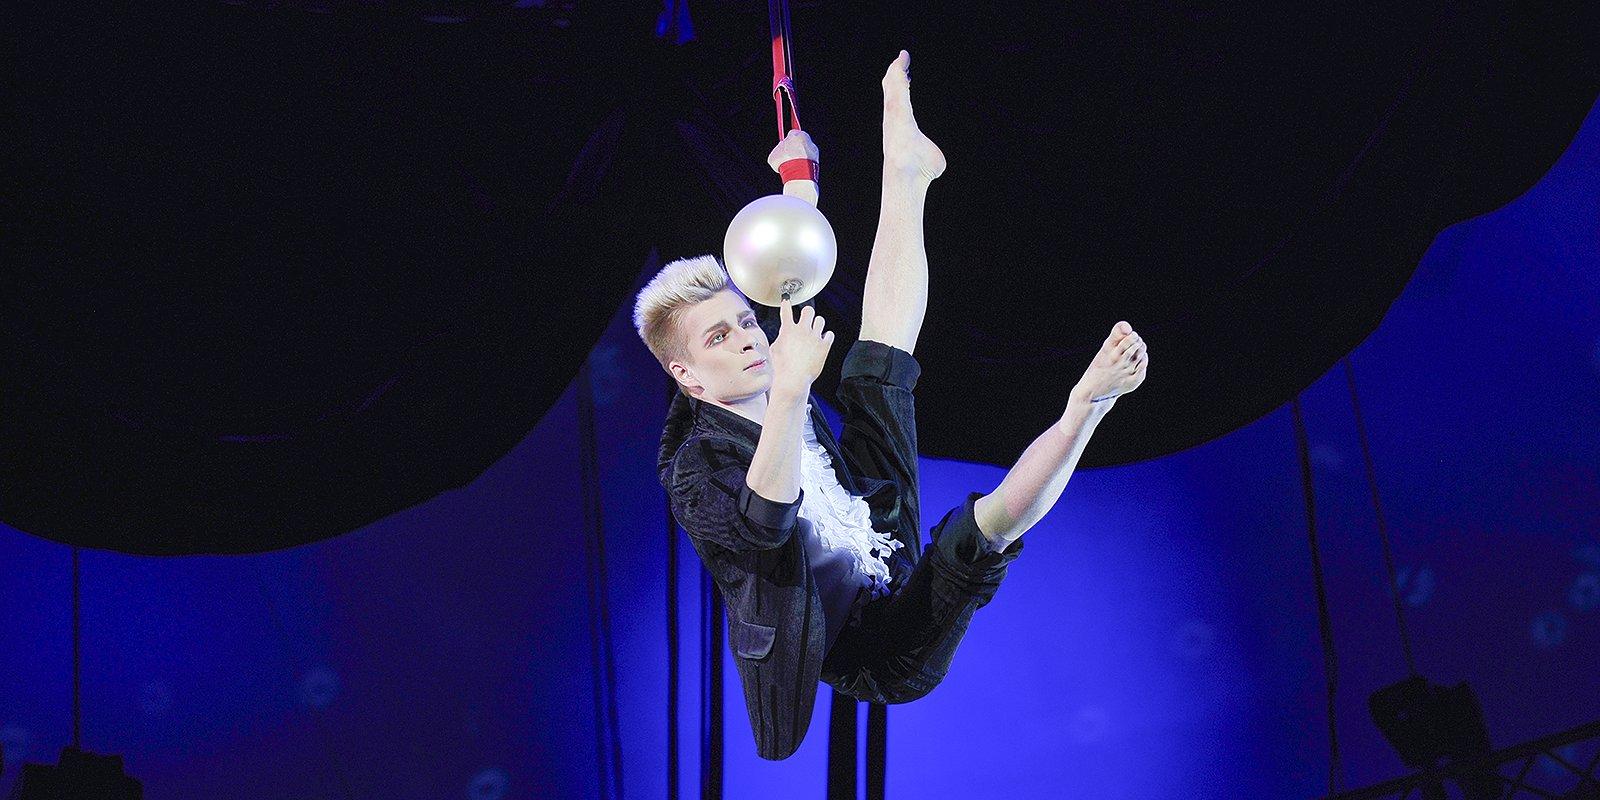 Цирк (альбом)